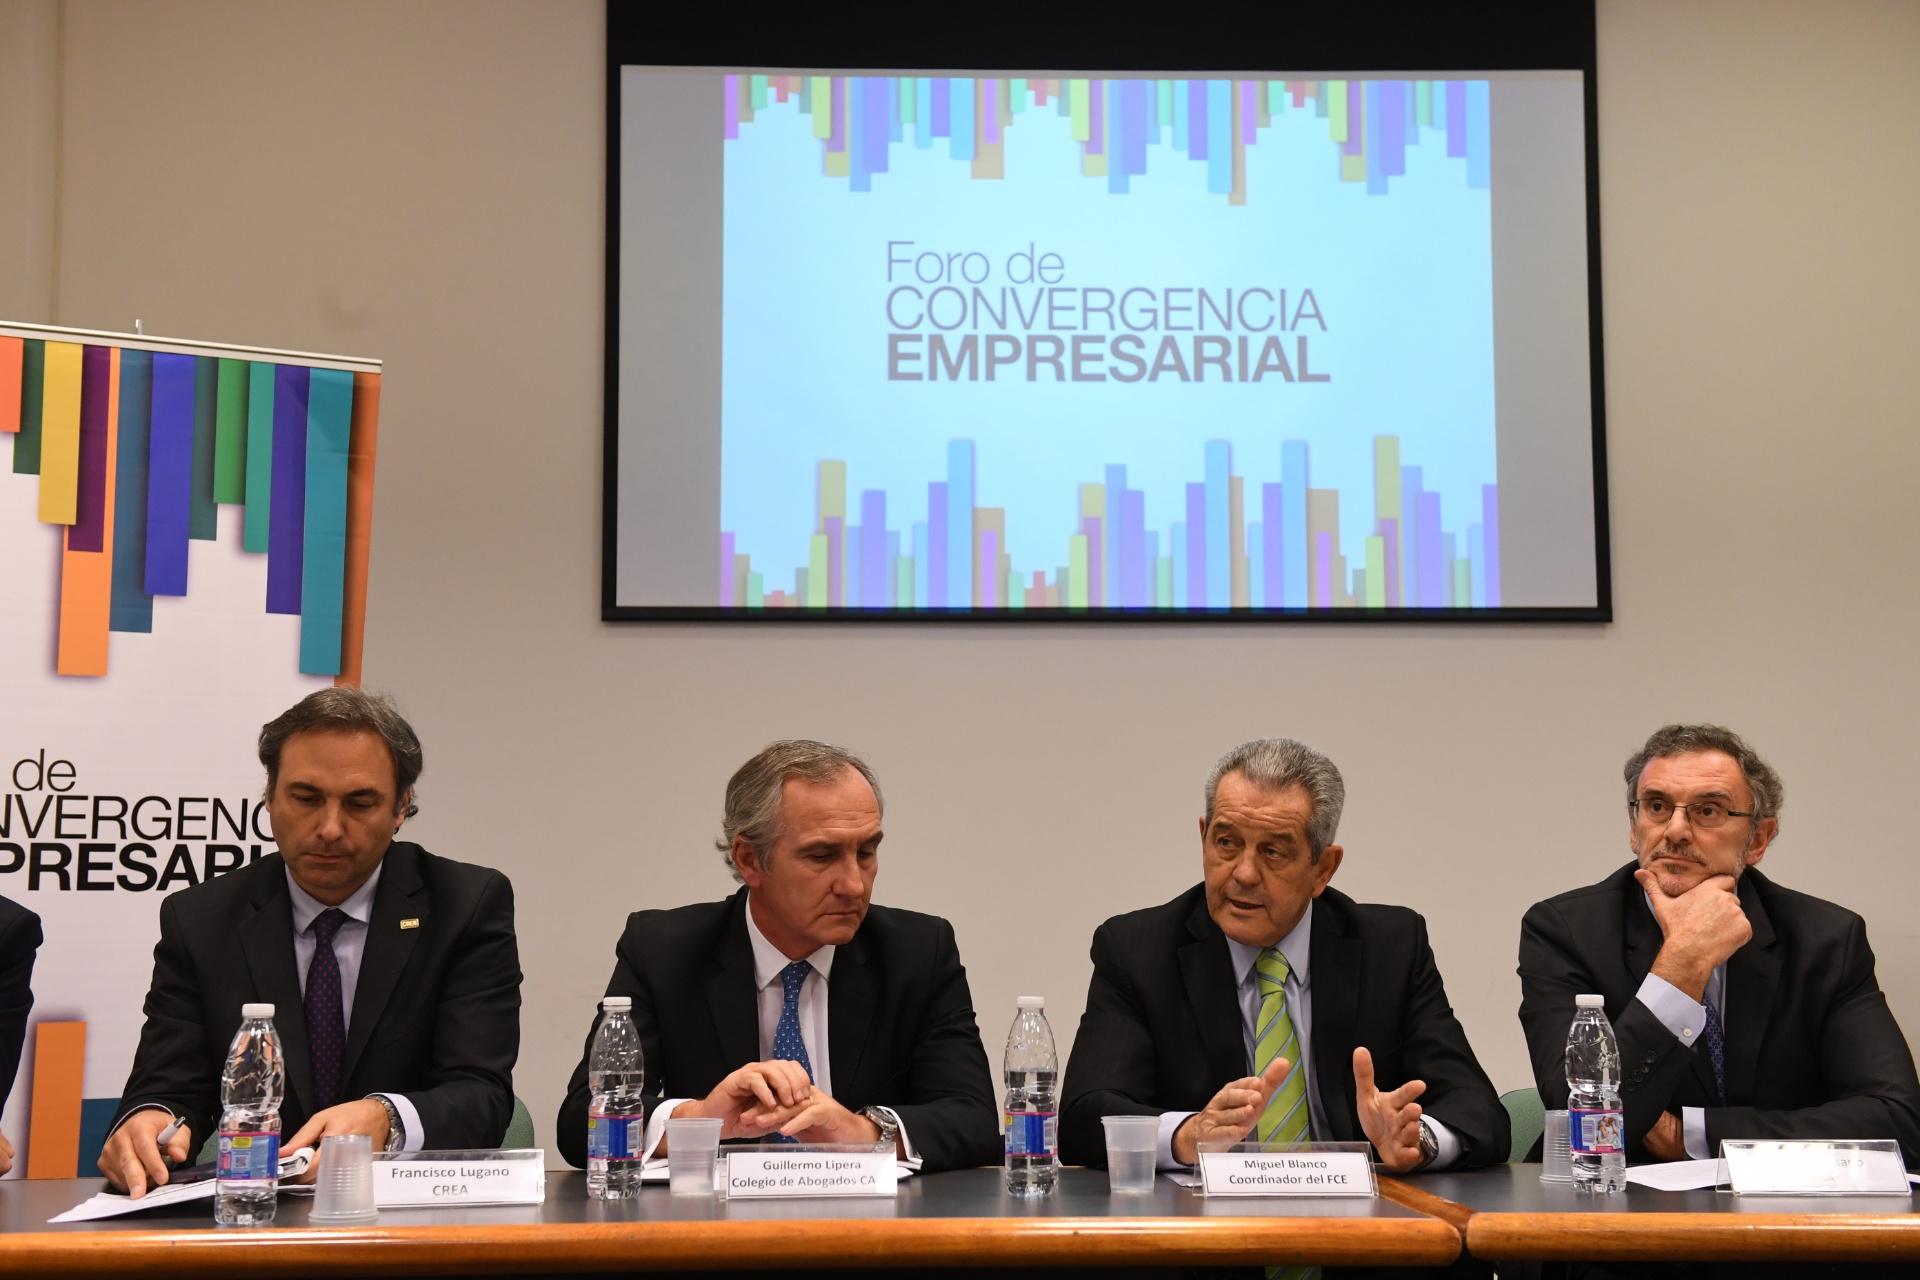 Francisco Lugano, Guillermo Lipera, Miguel Blanco y Claudio Cesareo, durante la reunión del Foro de Convergencia Empresarial